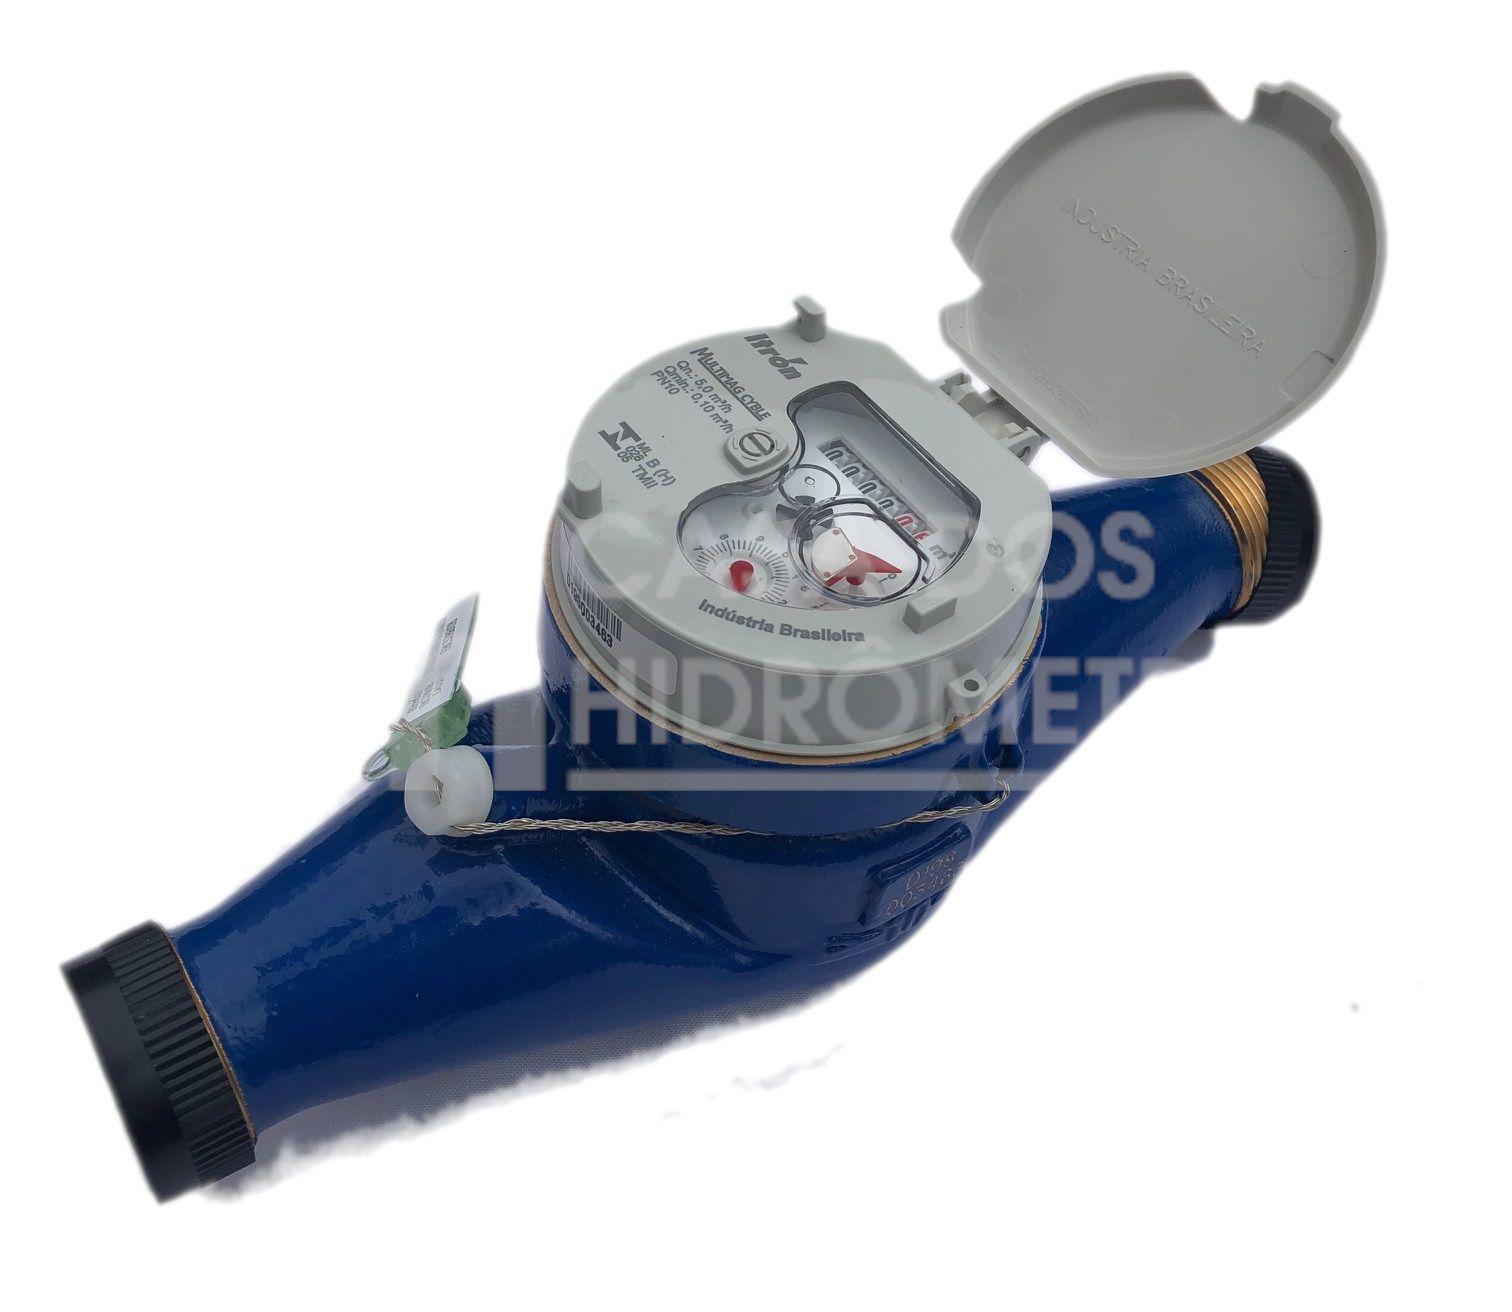 Hidrômetro Multijato 10,0 x 1